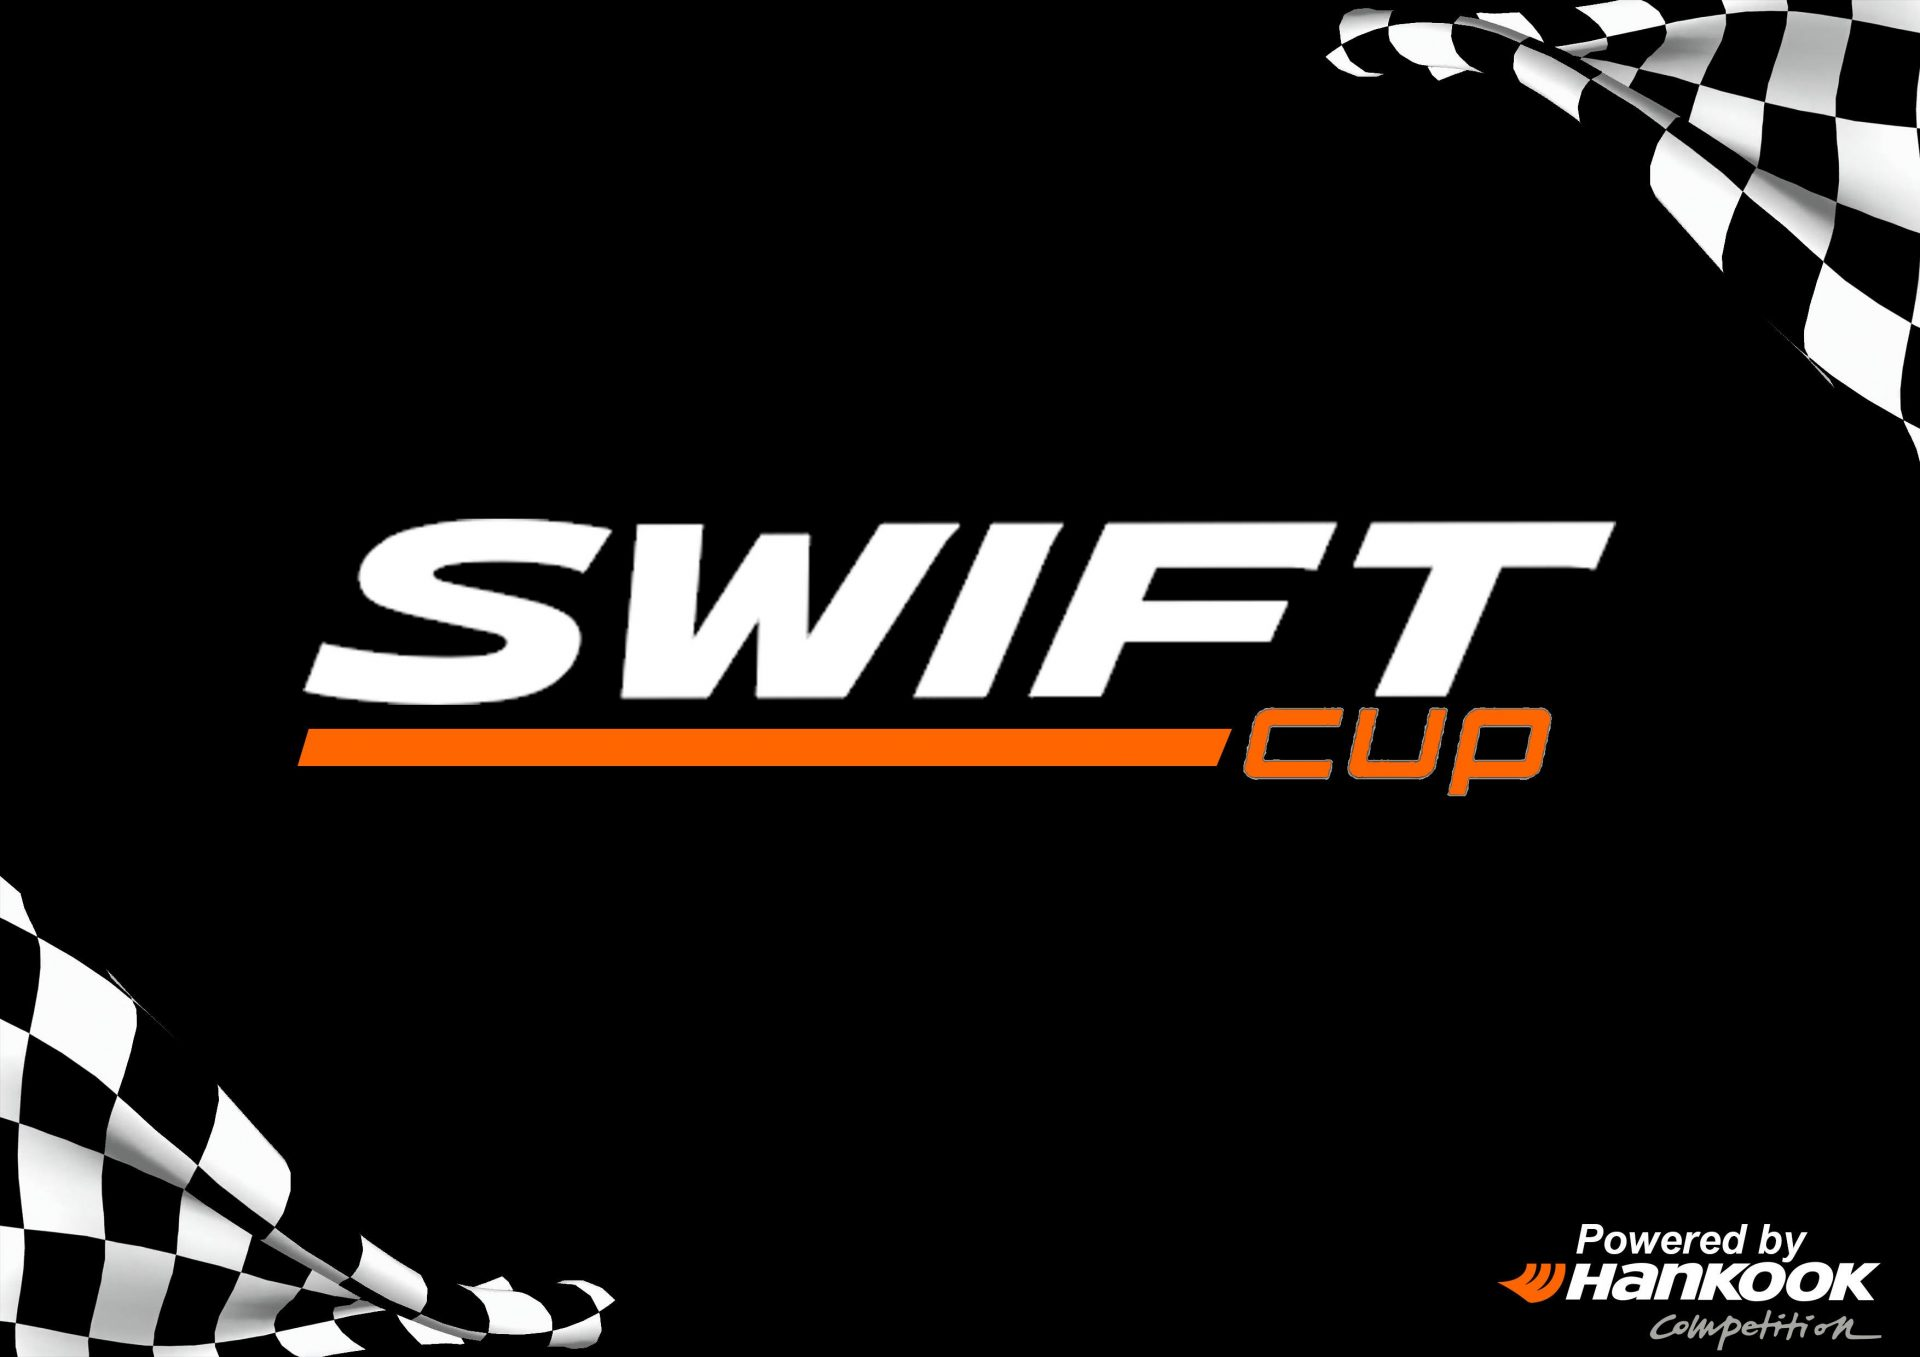 Swift Cup 2020 debutează în această săptămână la Raliul Argeşului